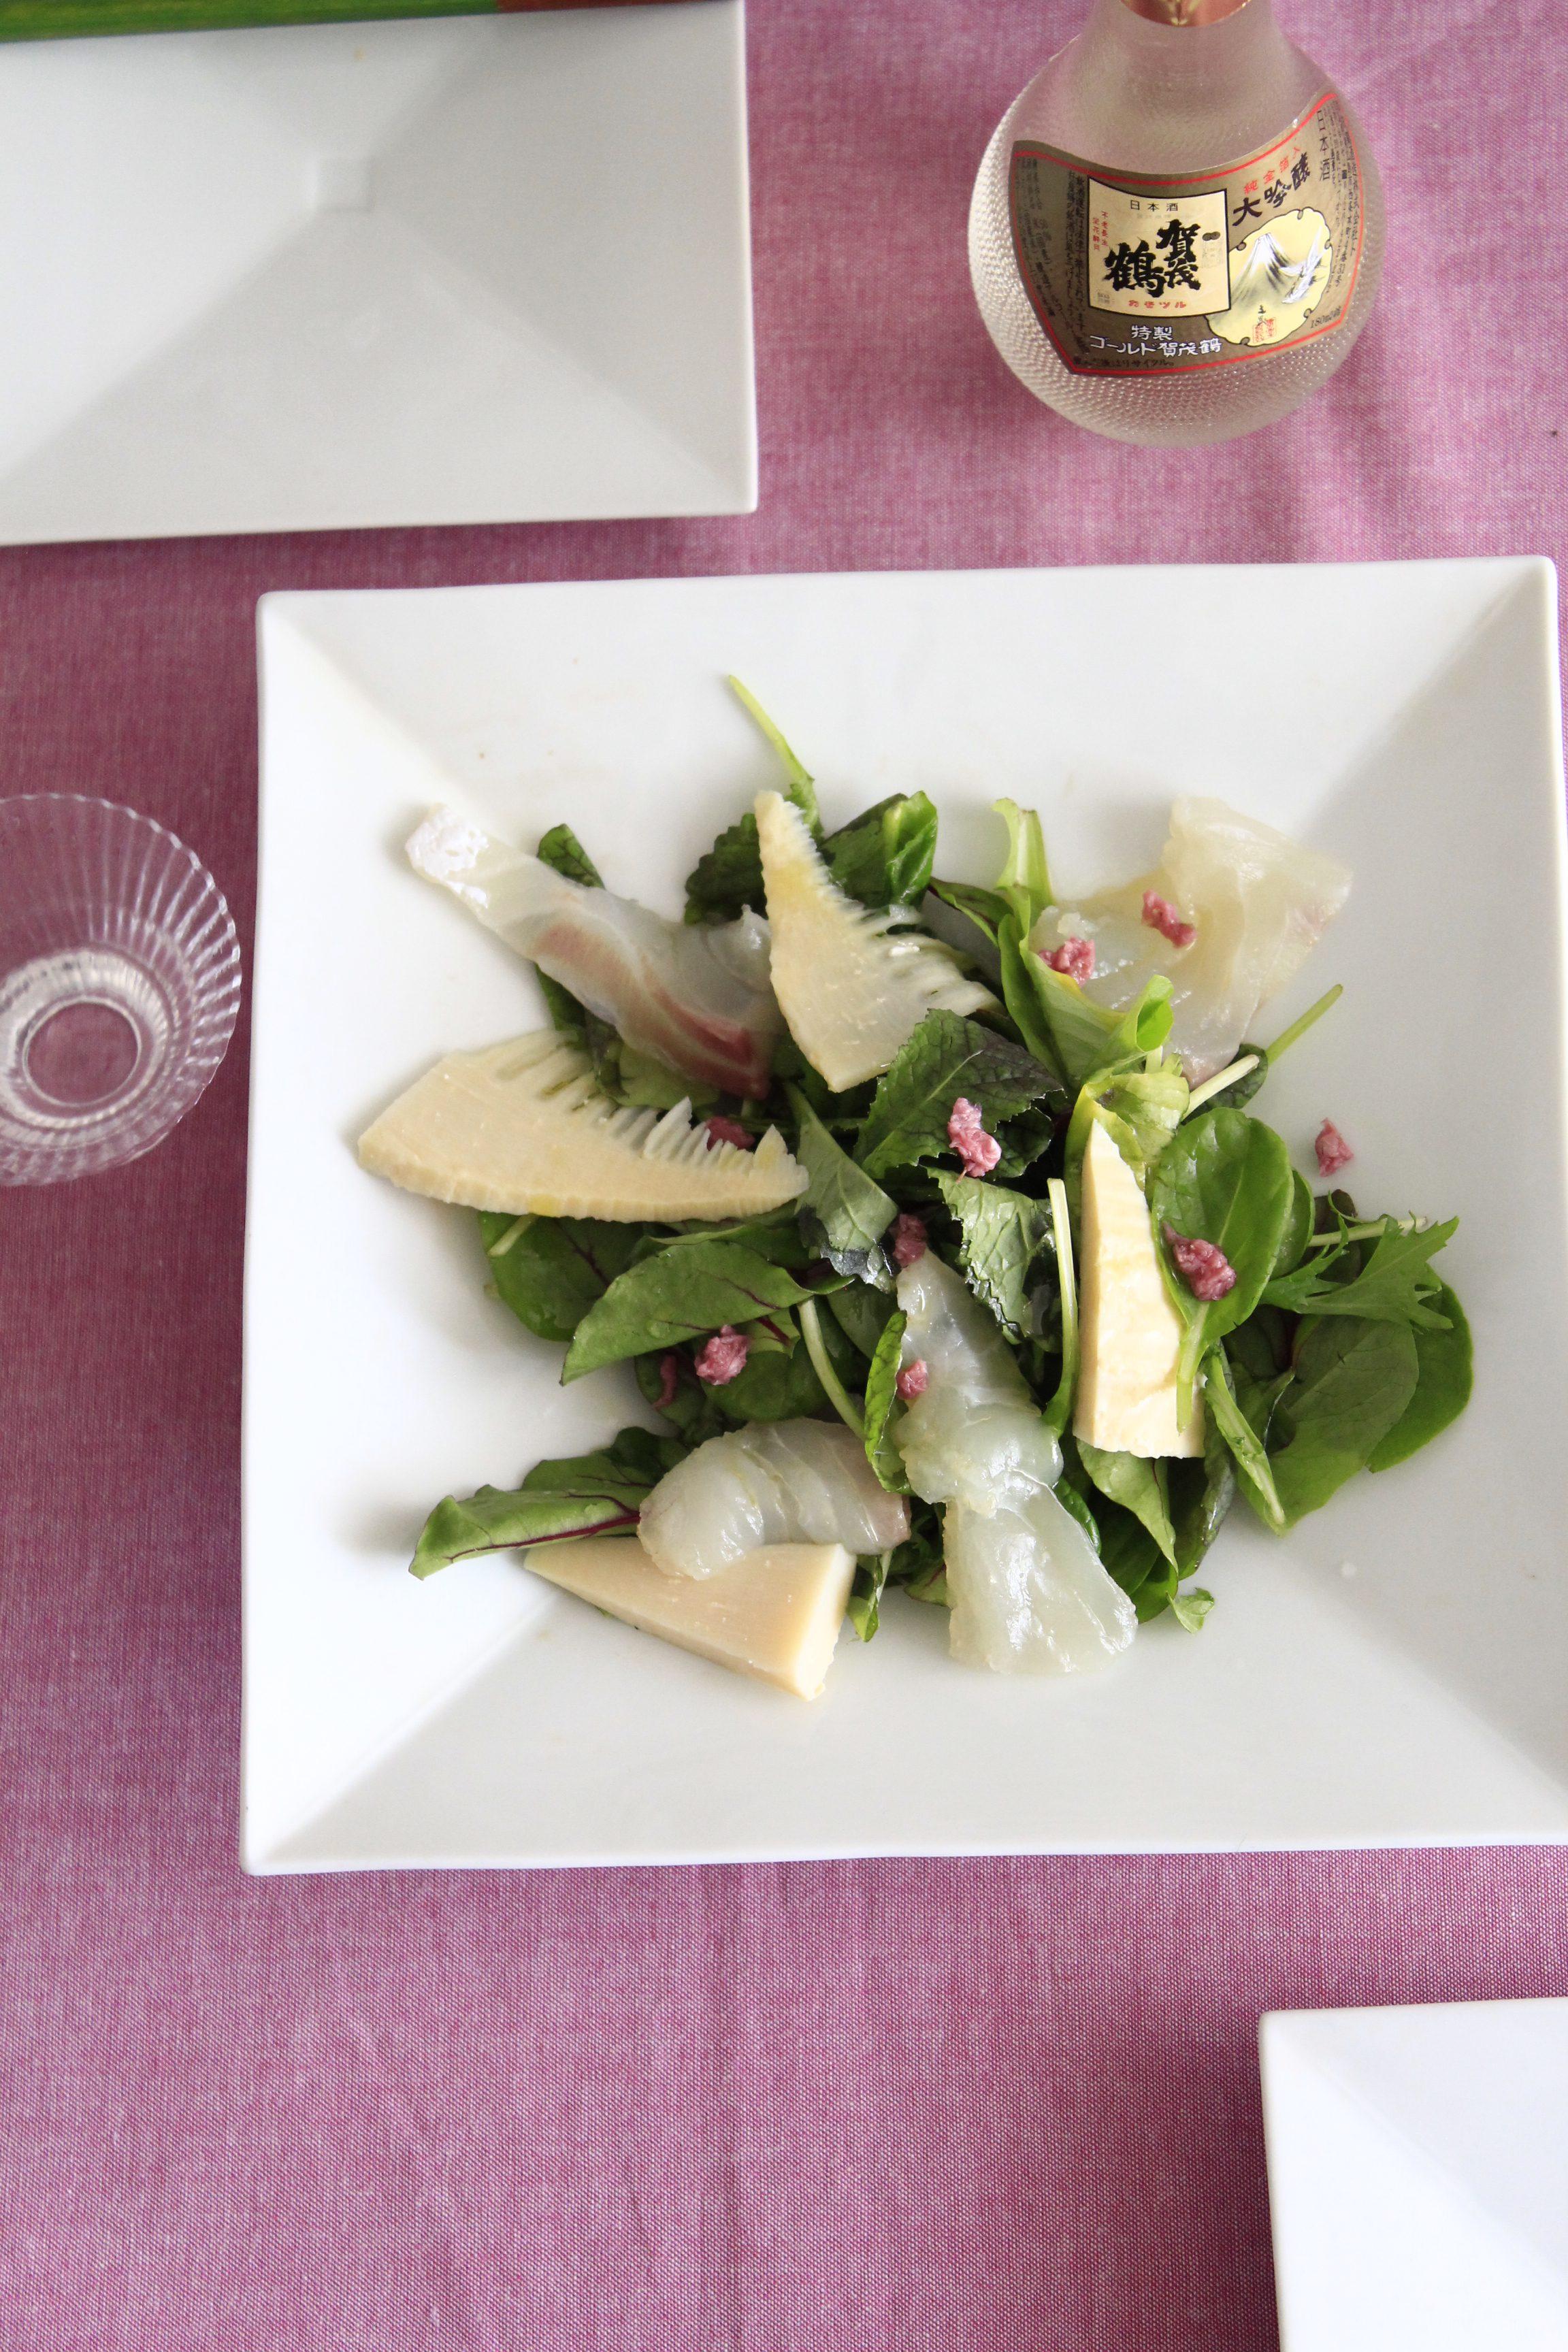 のせるだけの桜香る鯛のカルパッチョサラダ②